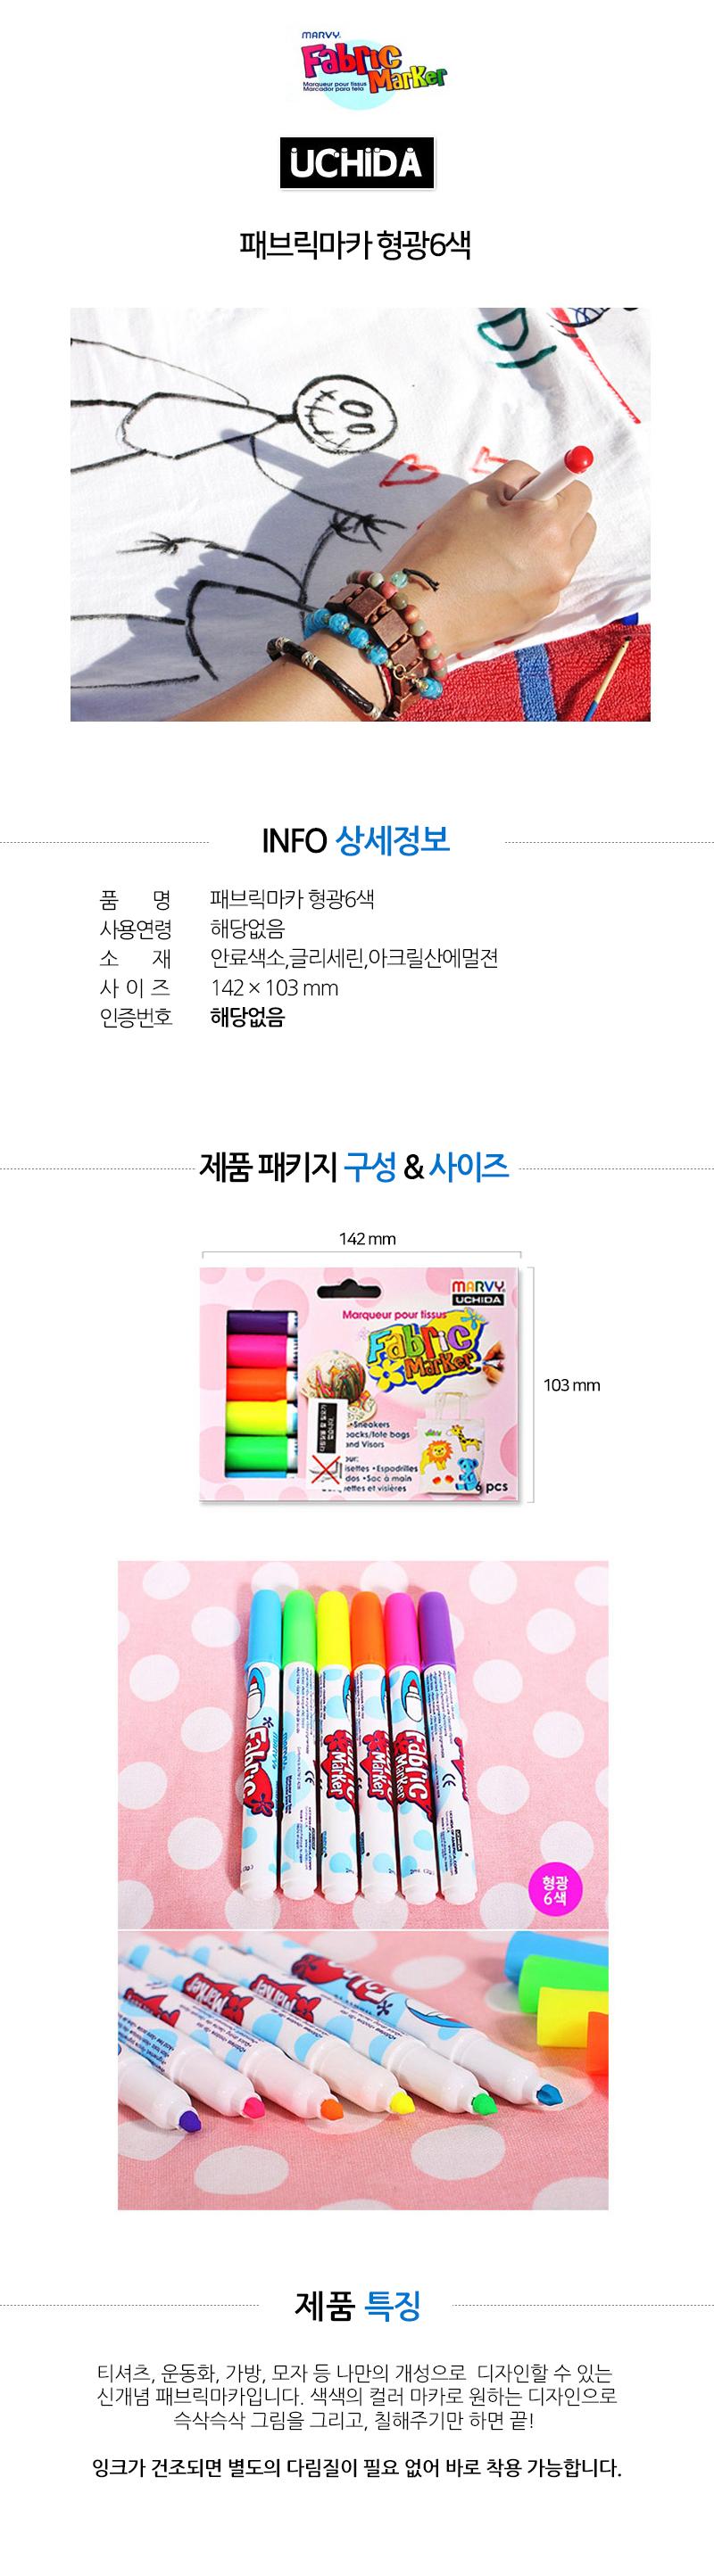 패브릭마카 형광6색 - 킹콩박스, 6,000원, 데코펜, 특수마카